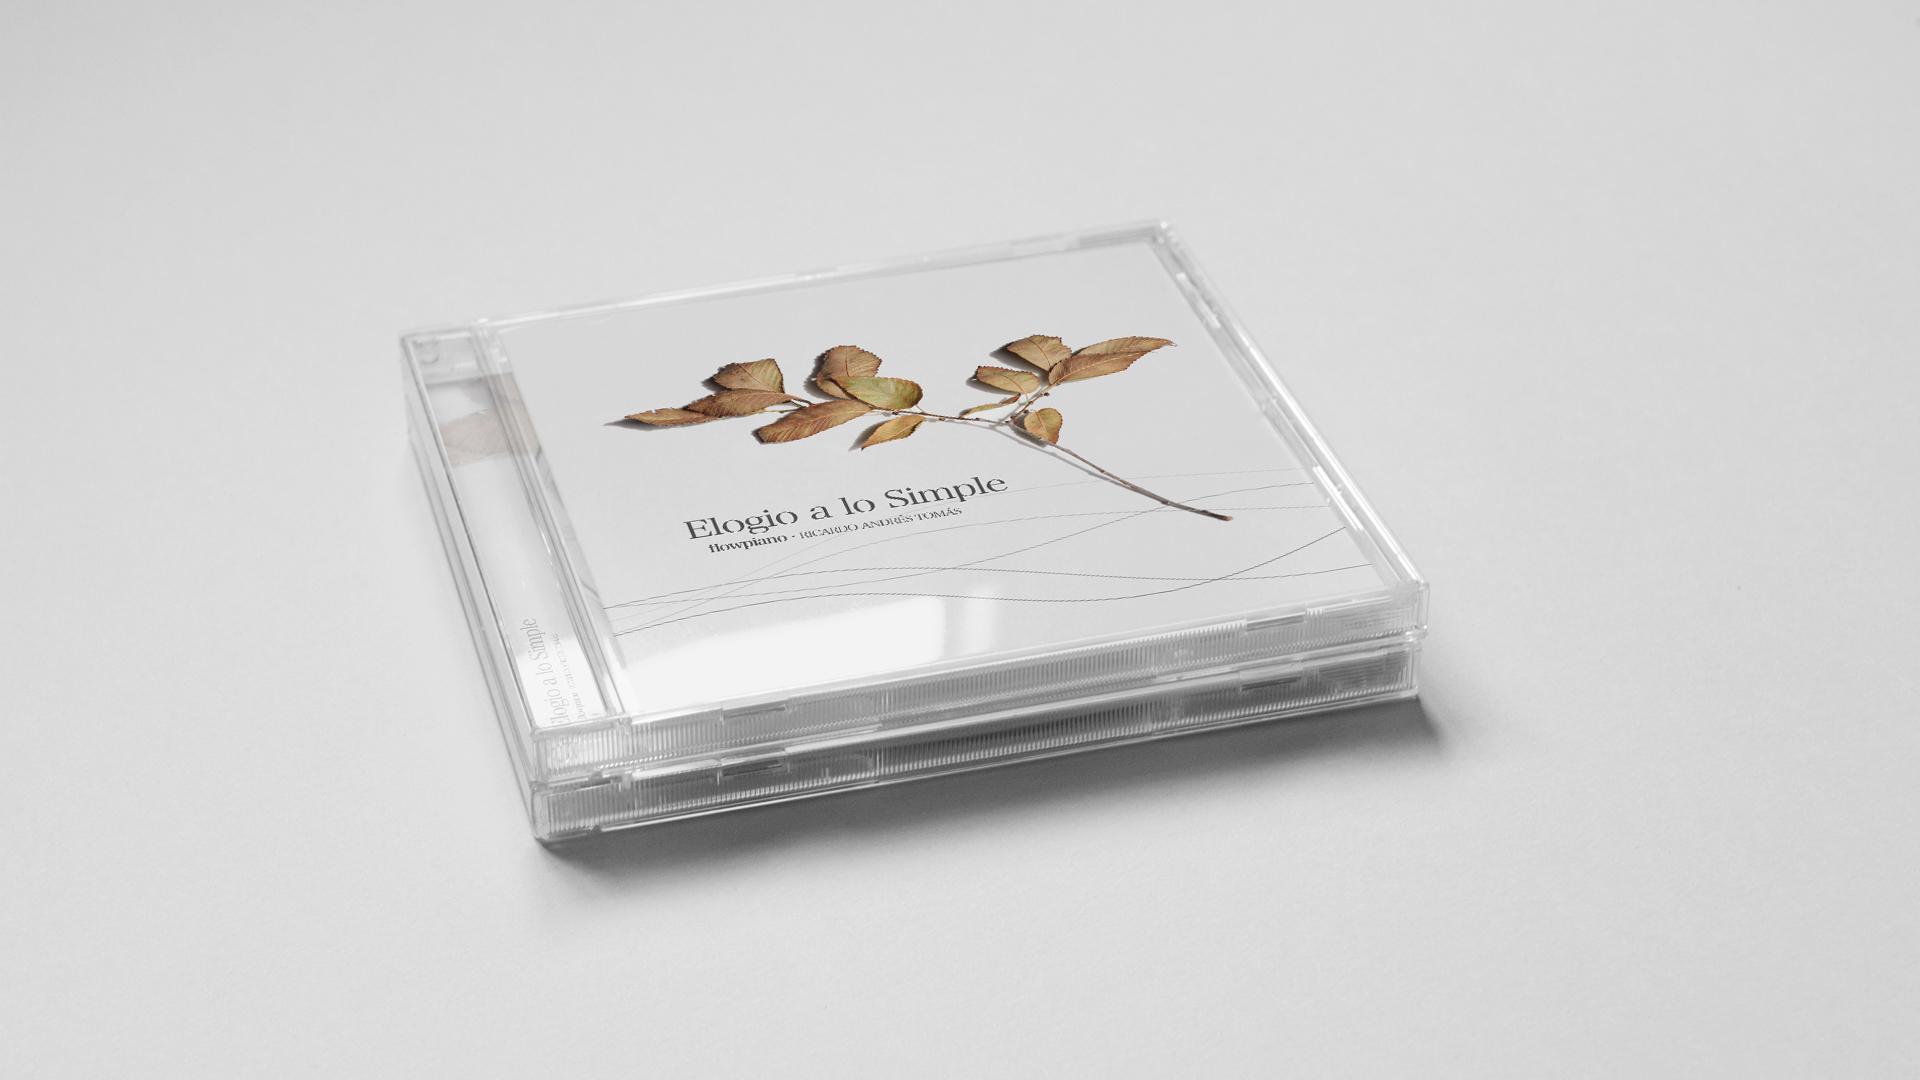 ELOGIO JEWEL 2 CDs